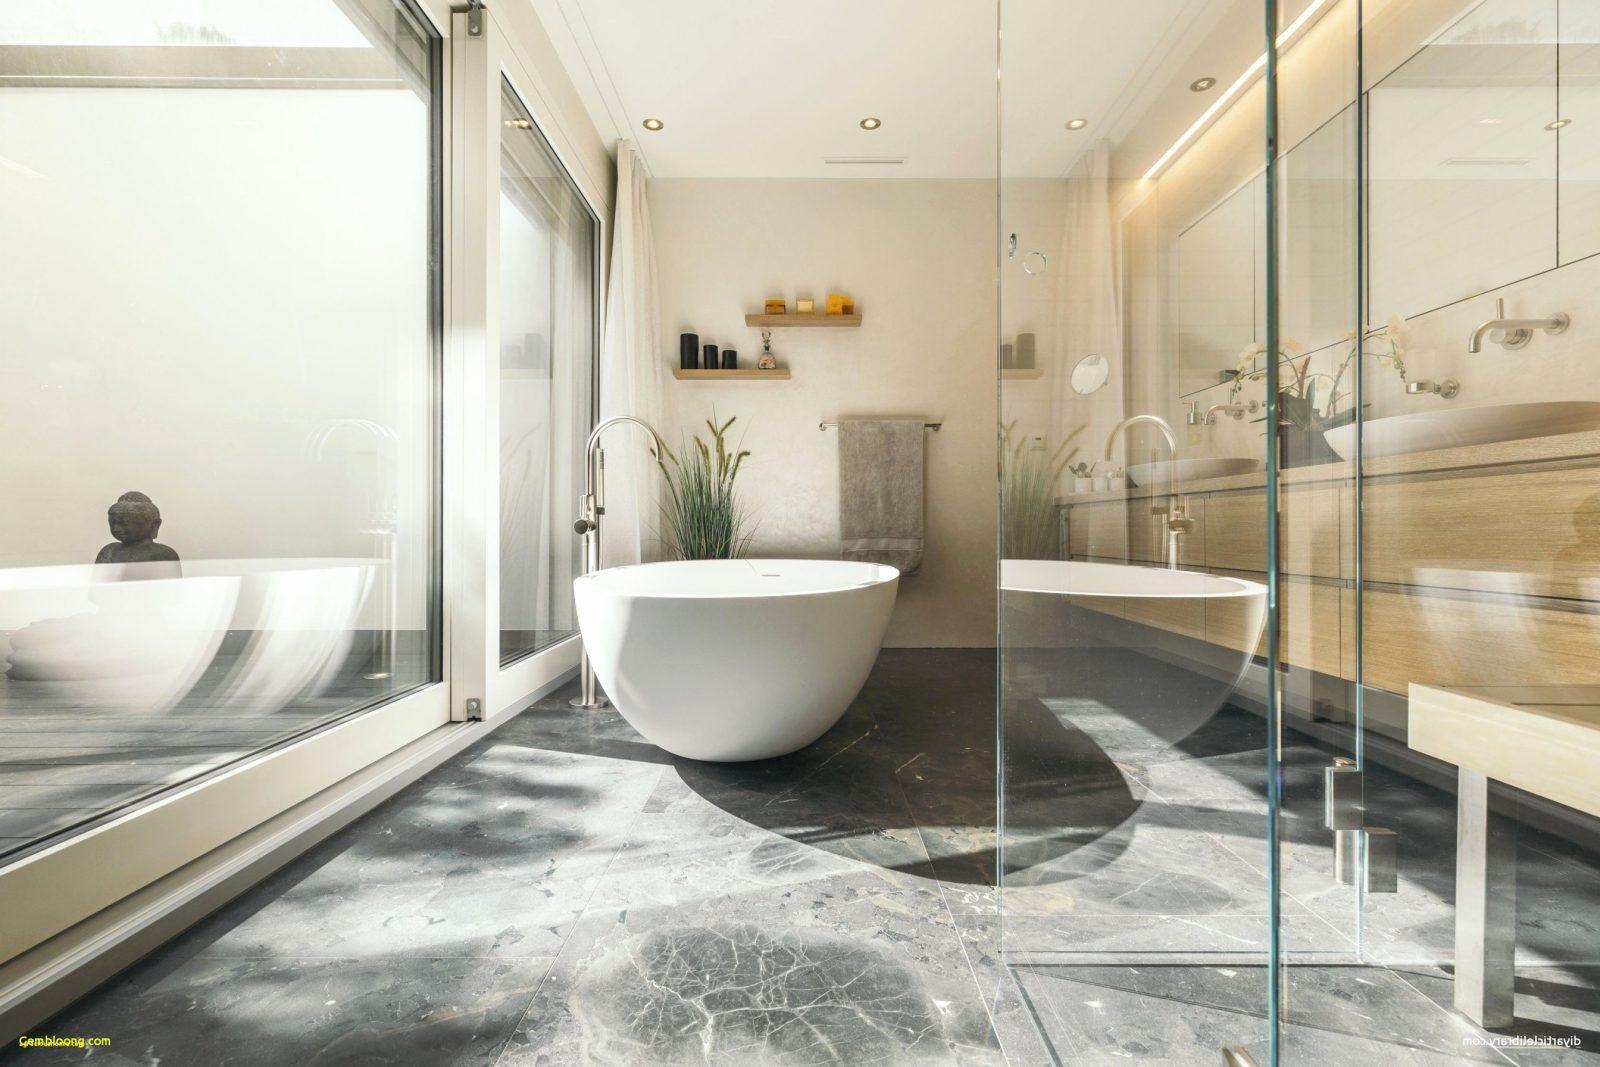 Altes Badezimmer Aufpeppen Vorher Nachher Bilder | Haus Bauen